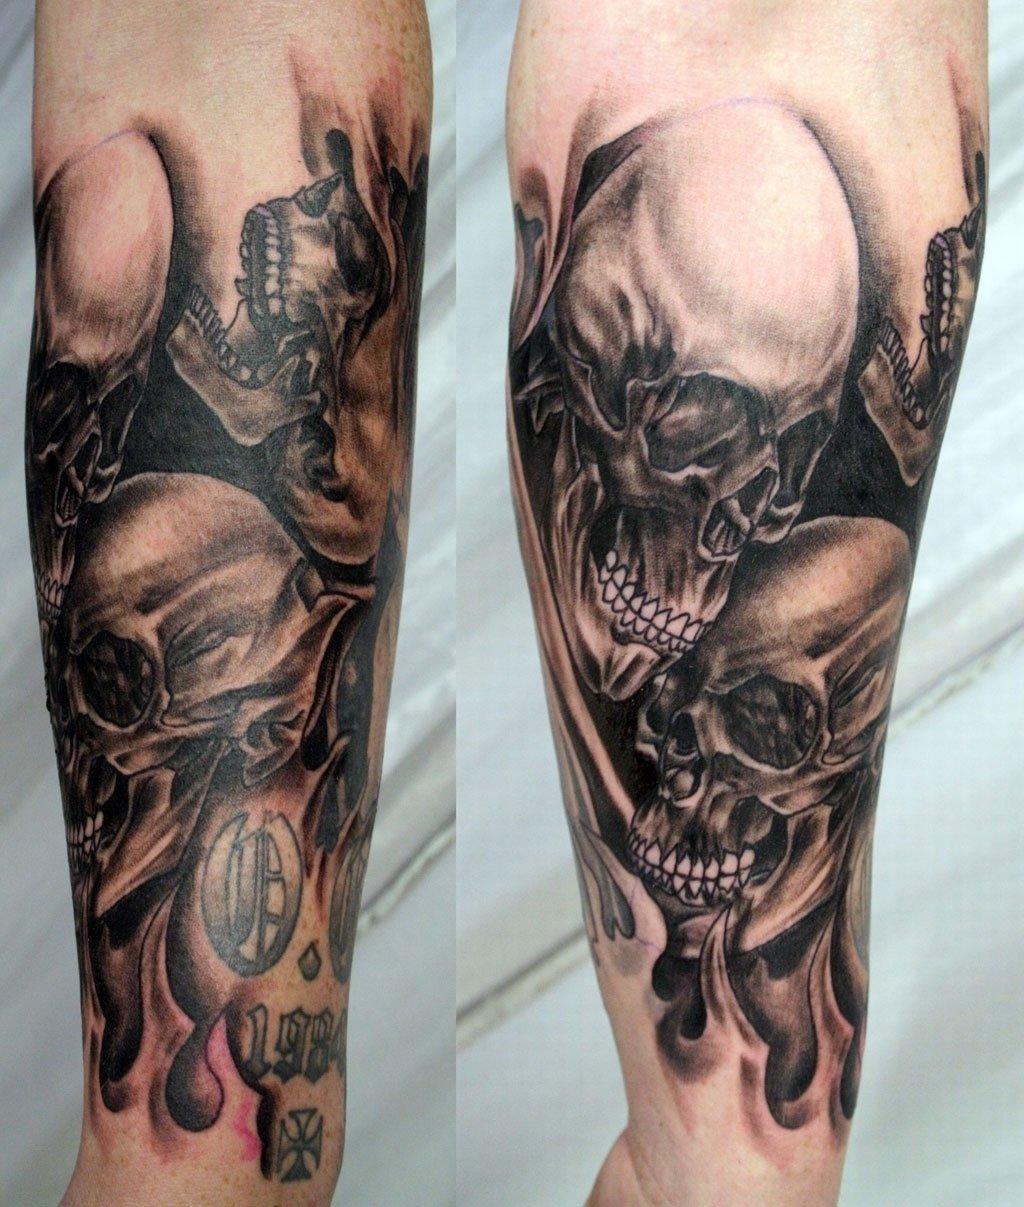 10 Spectacular Skull Tattoo Ideas For Men skull sleeve tattoo designs for men full sleeve skull tattoos cool 2021